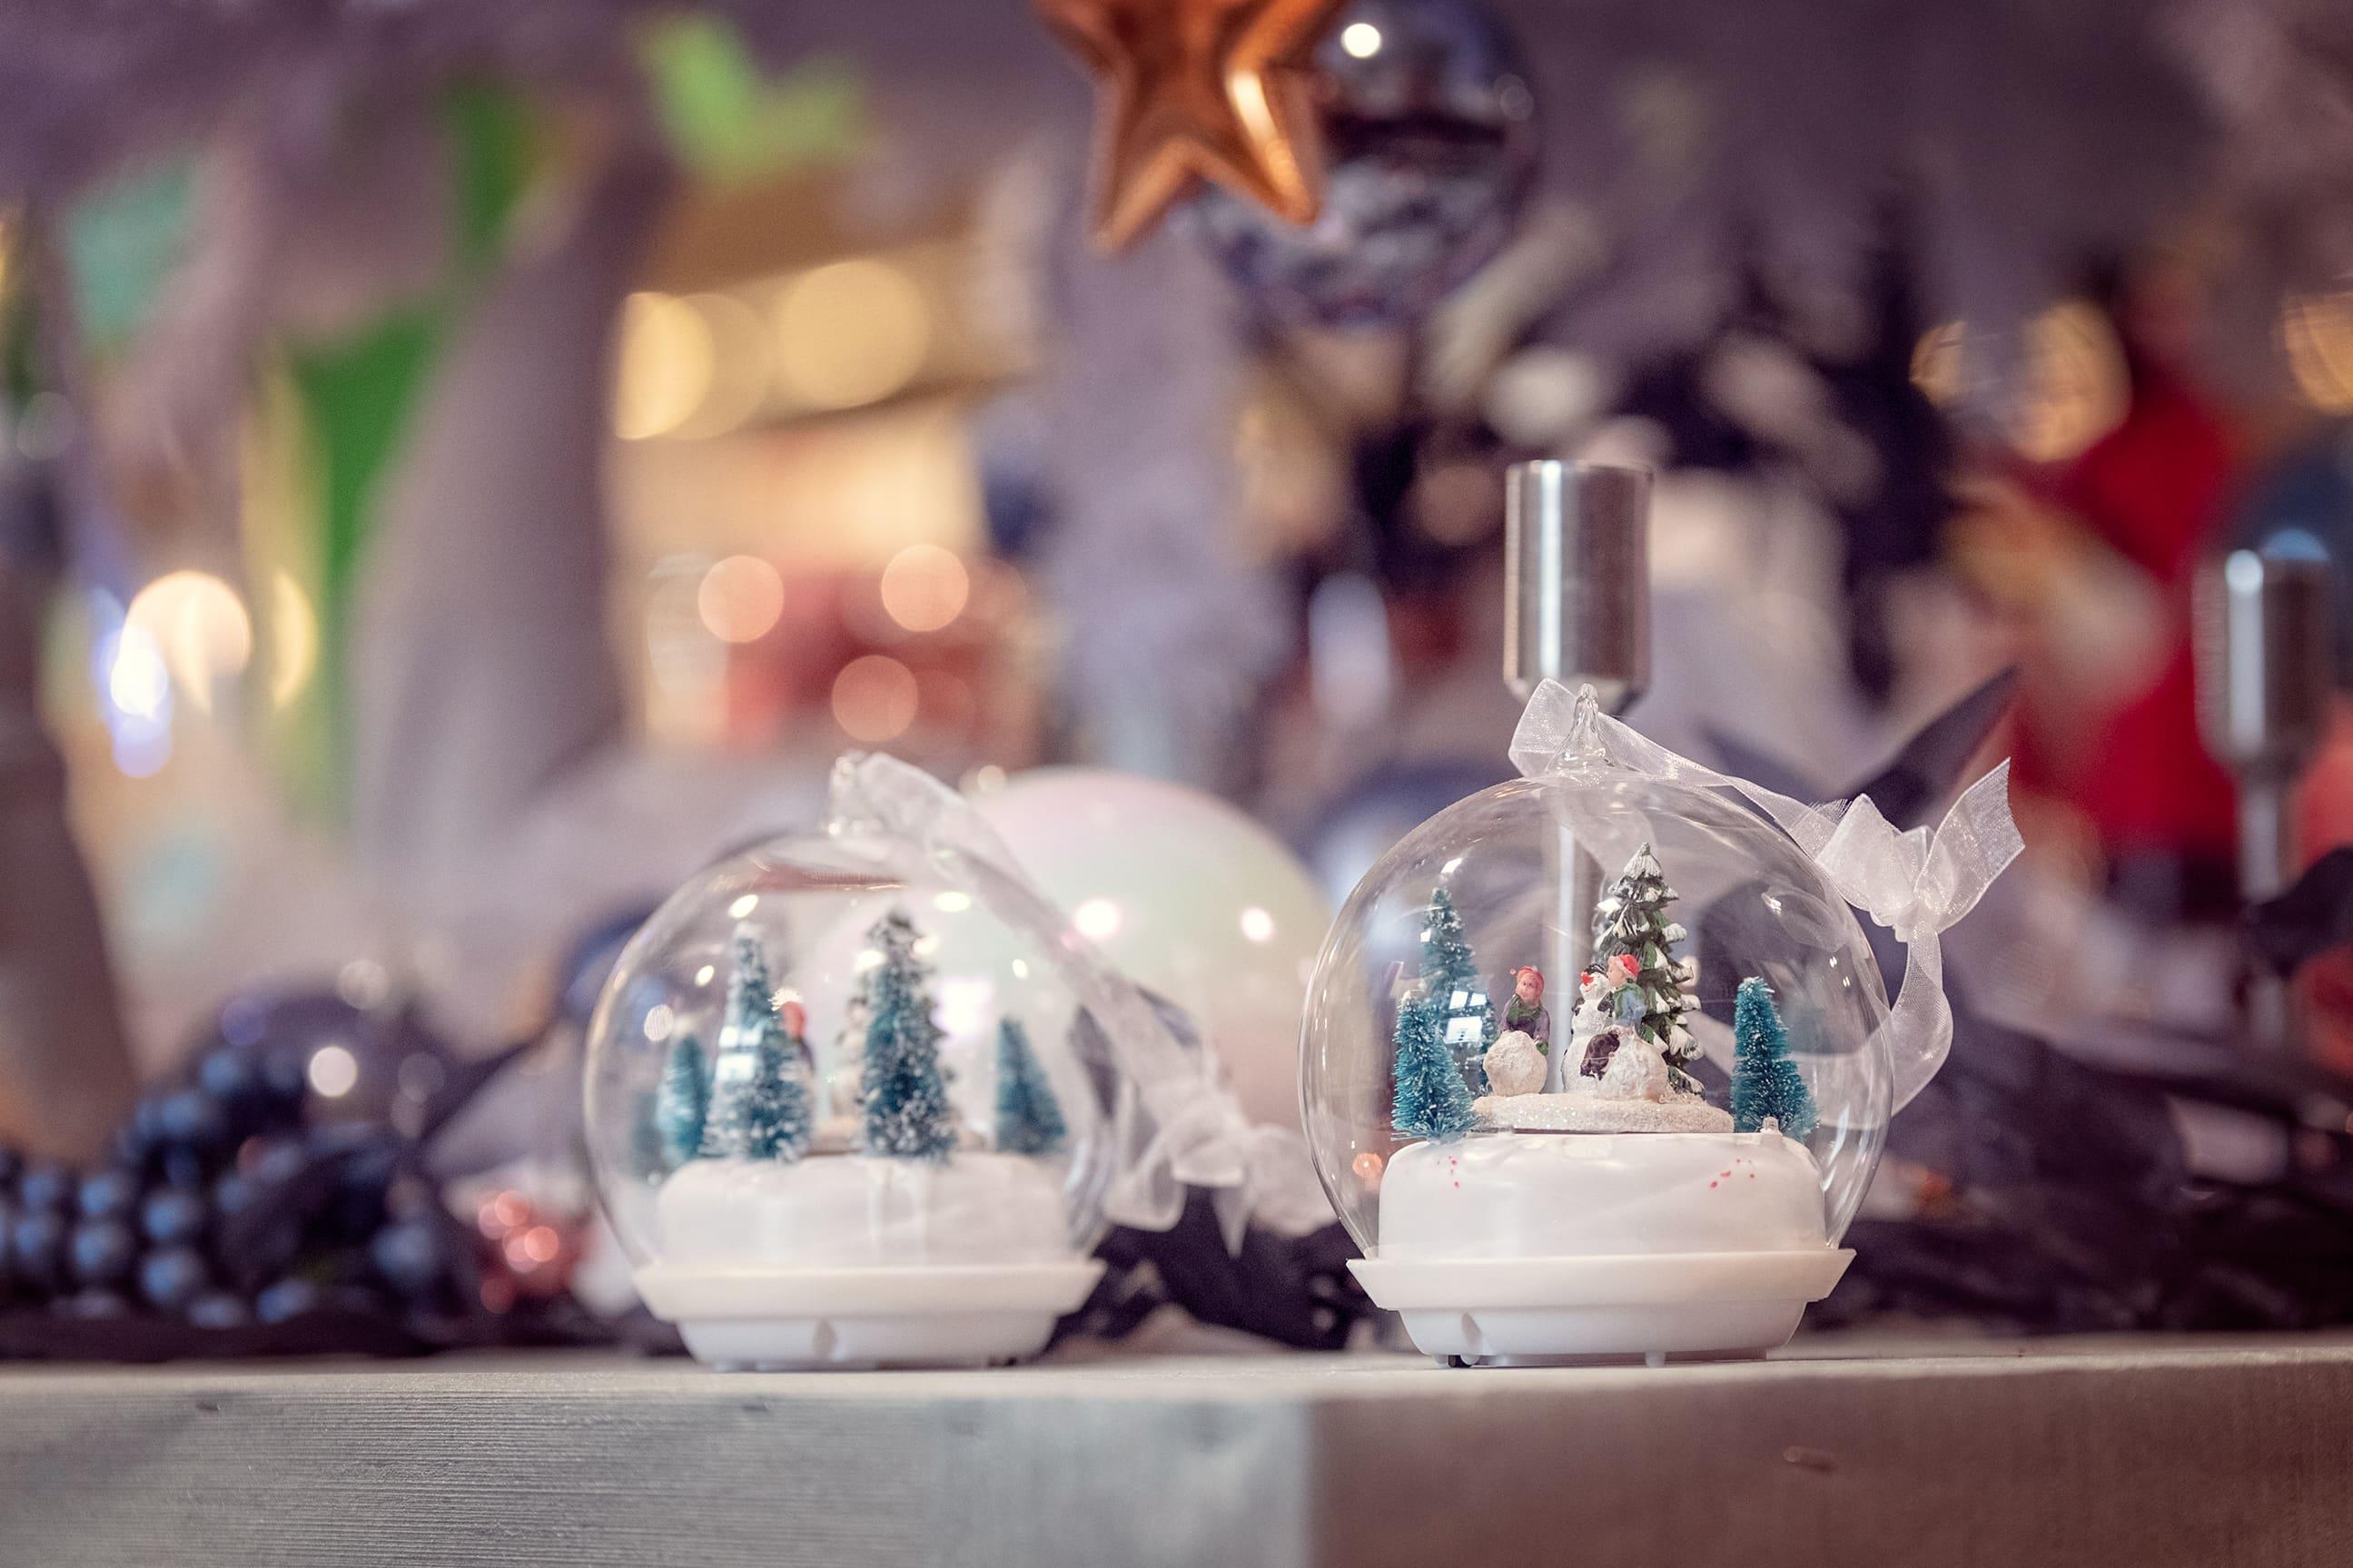 Weihnachtsmarkt Brico Sankt Vith